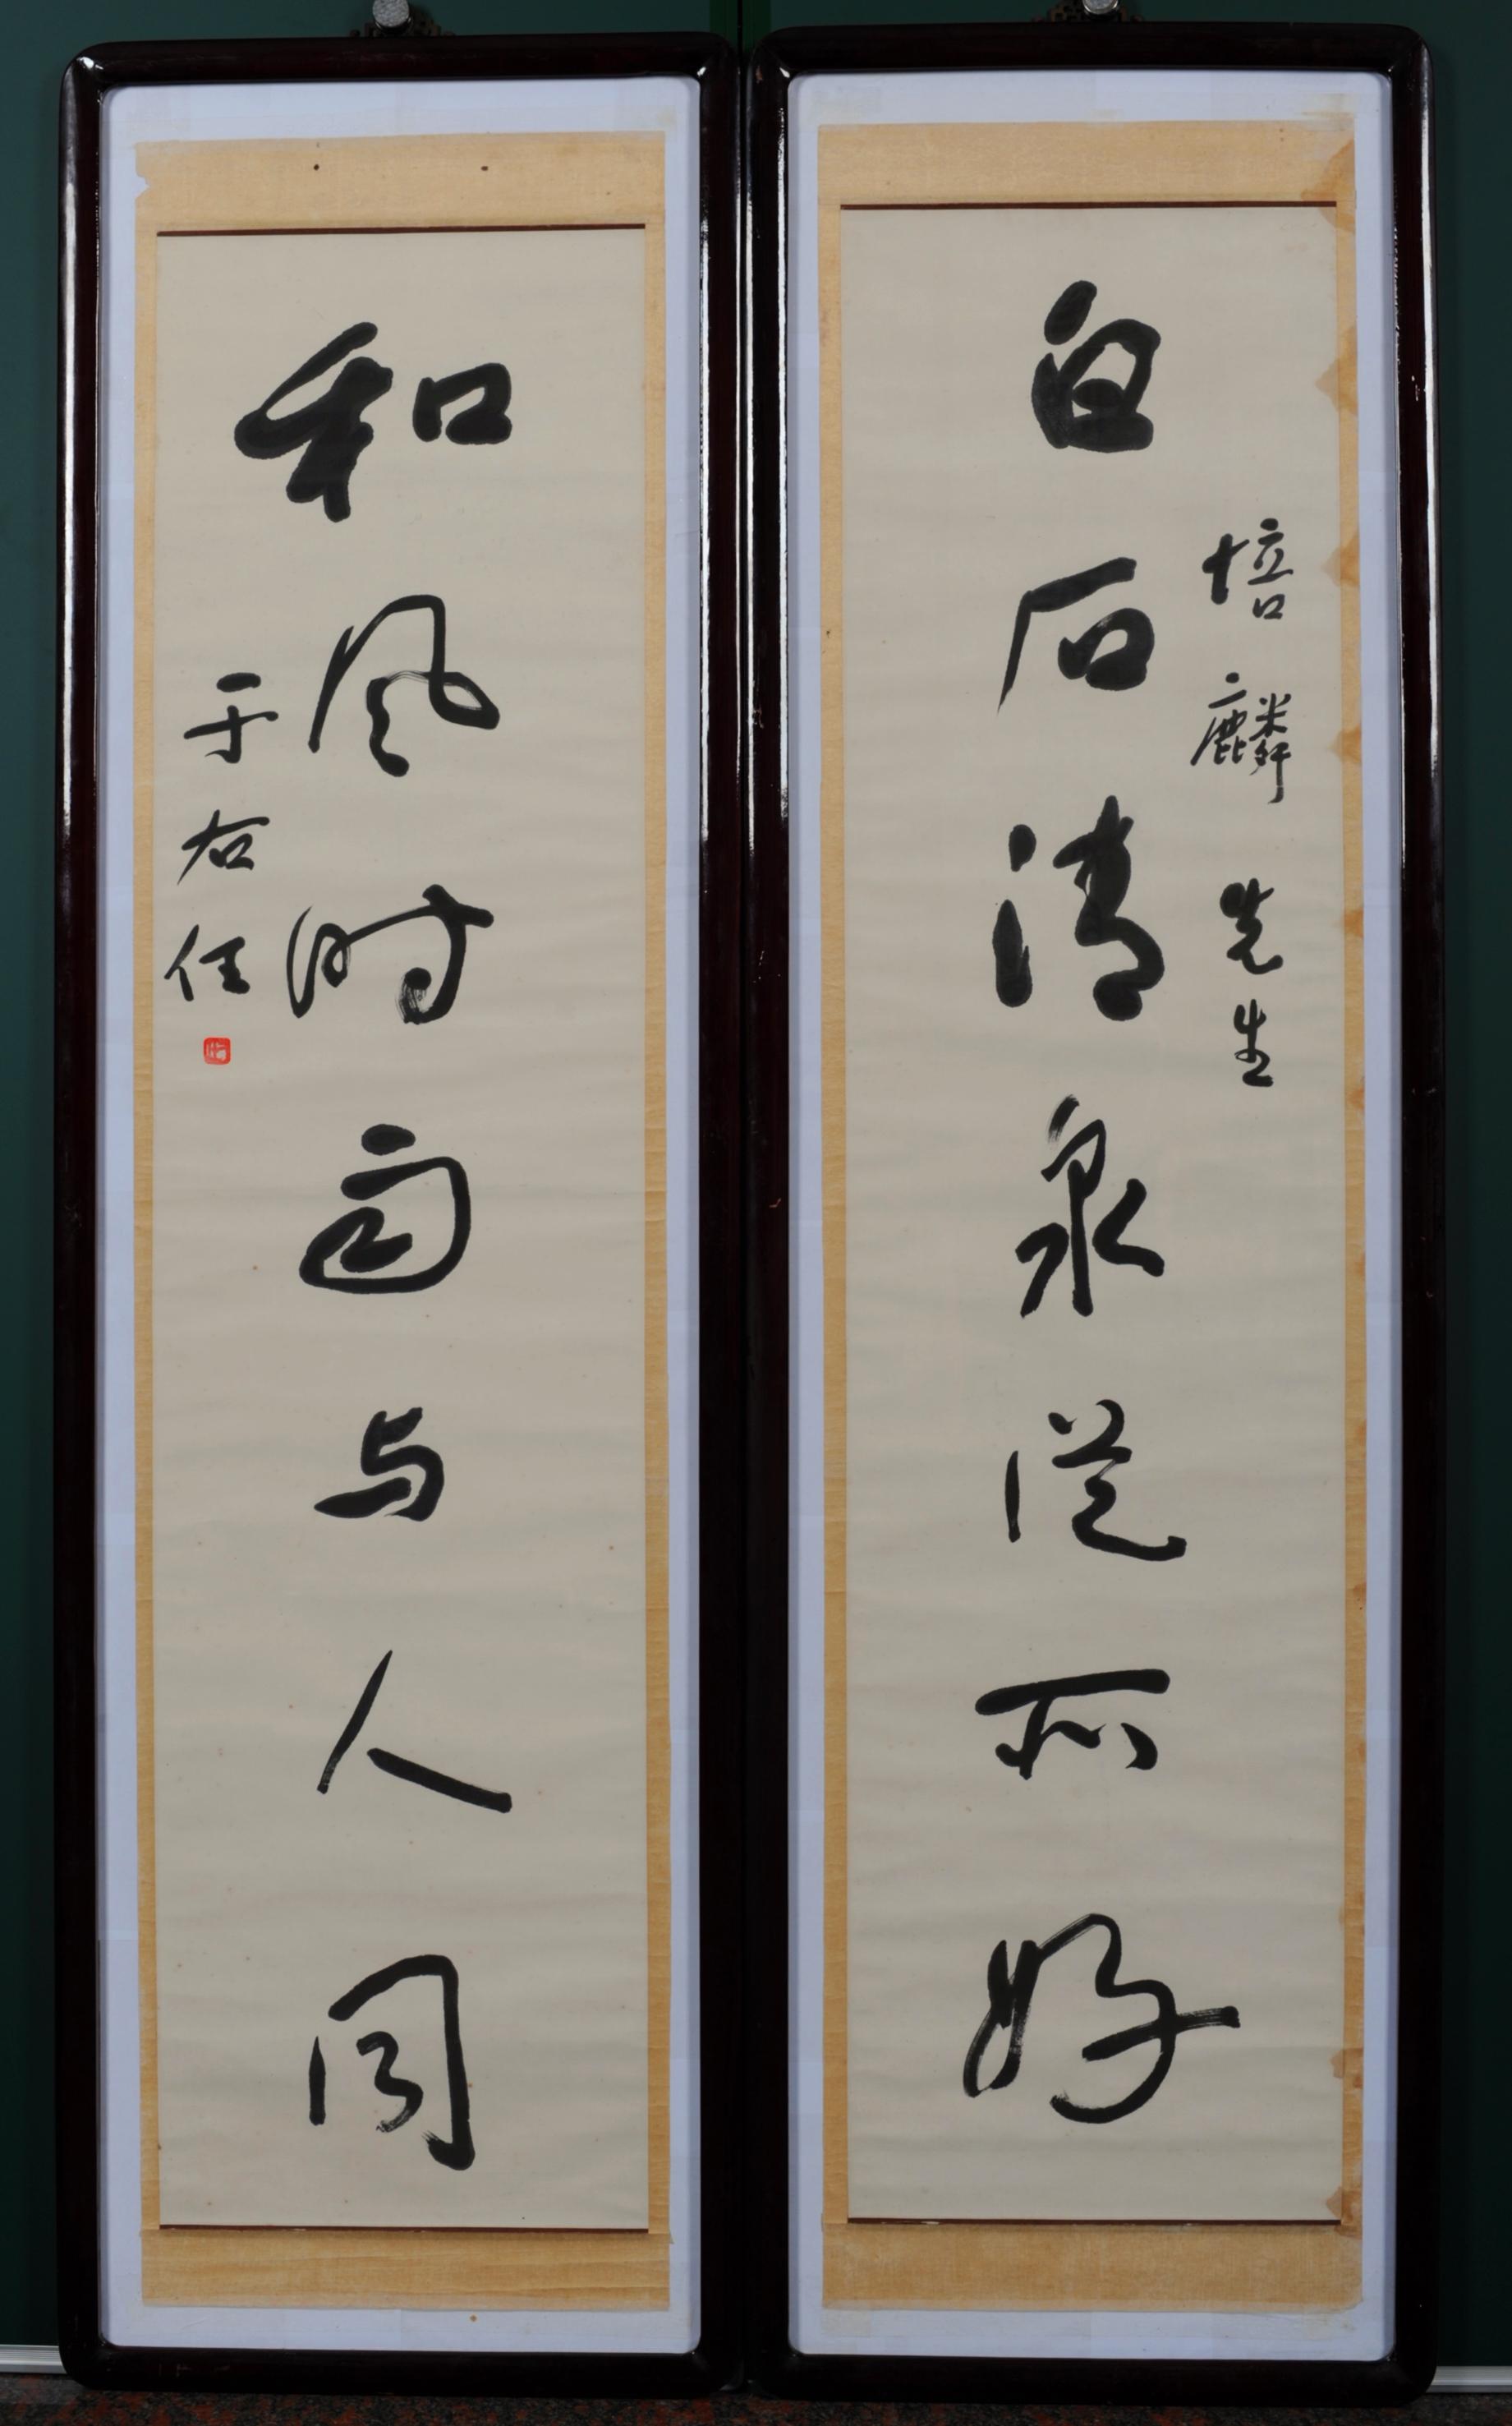 2016-06501 (12)_副本.jpg